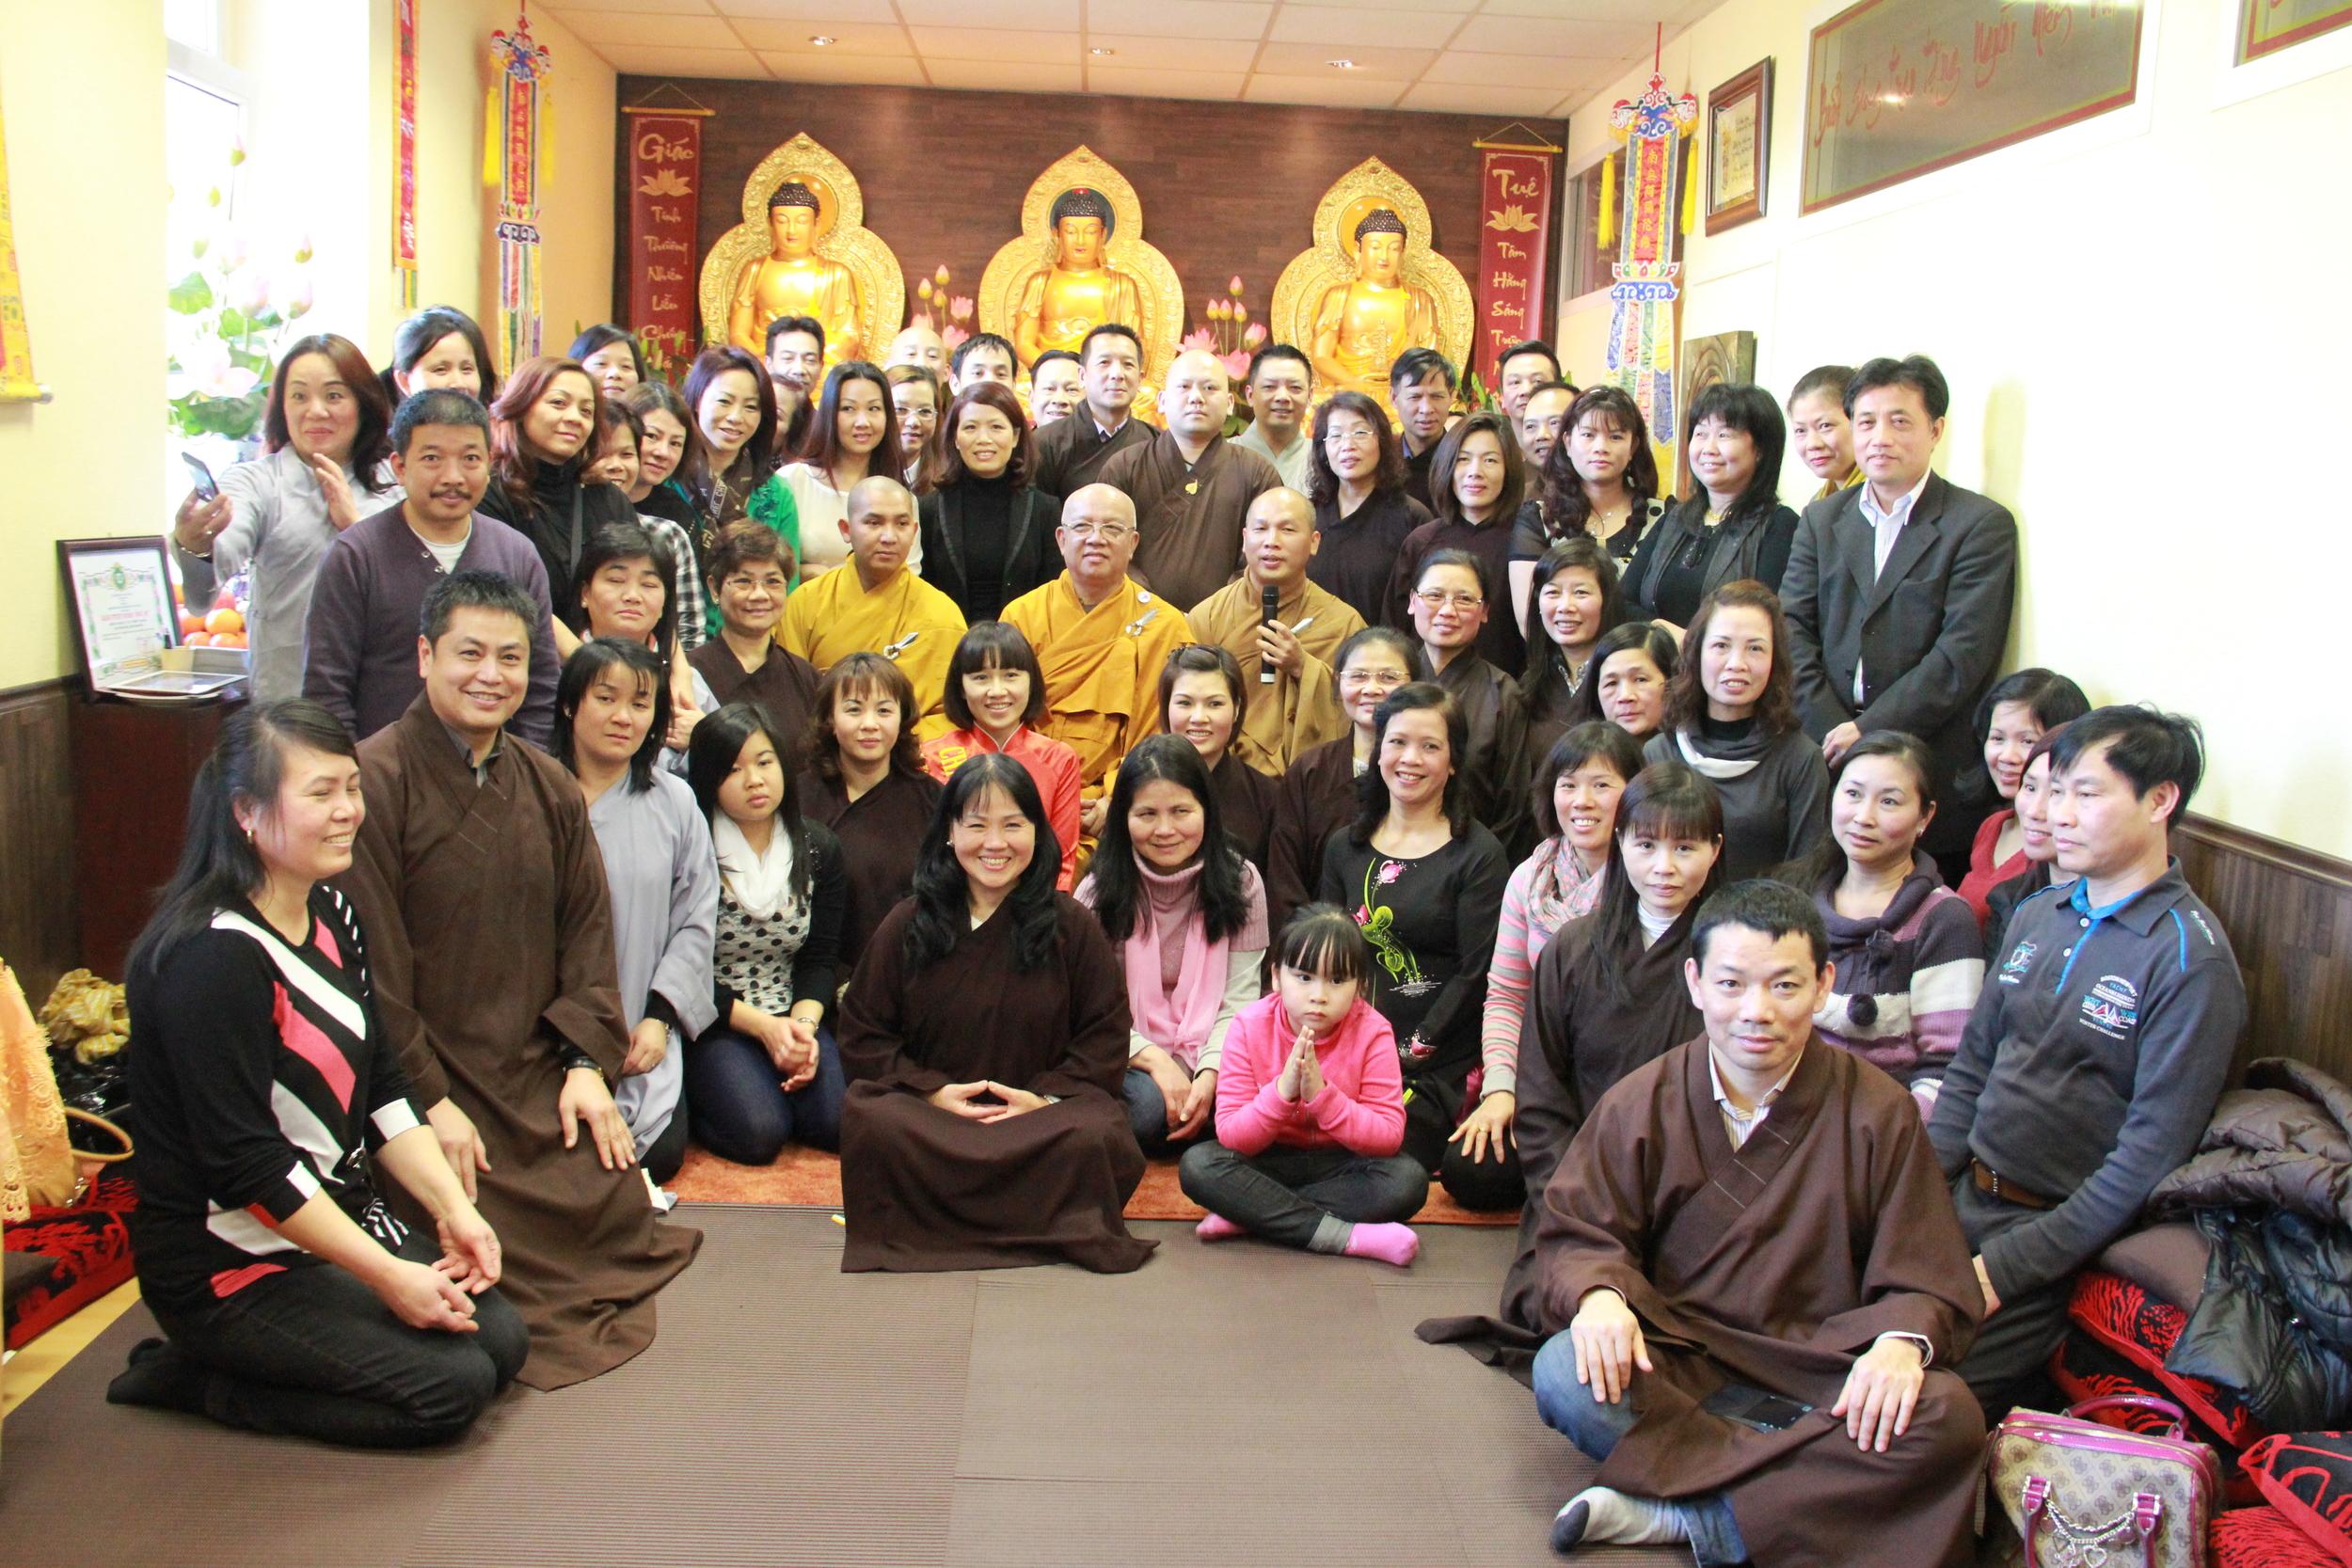 Hoa thuong Thich Thien Bao 2014.JPG